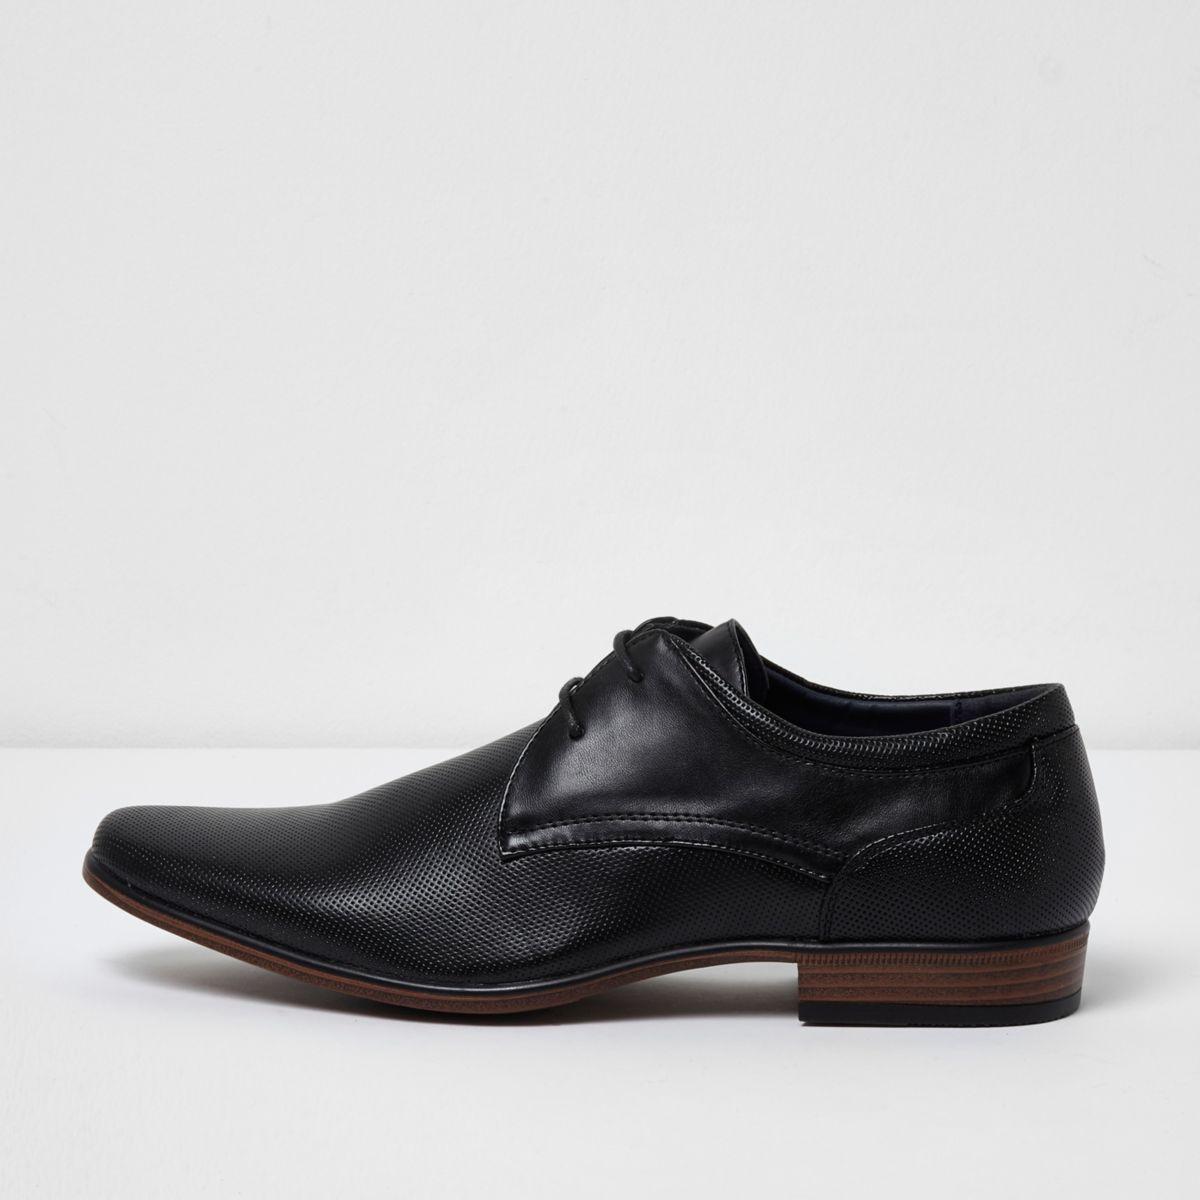 Schwarze, feine Schuhe mit Perforation